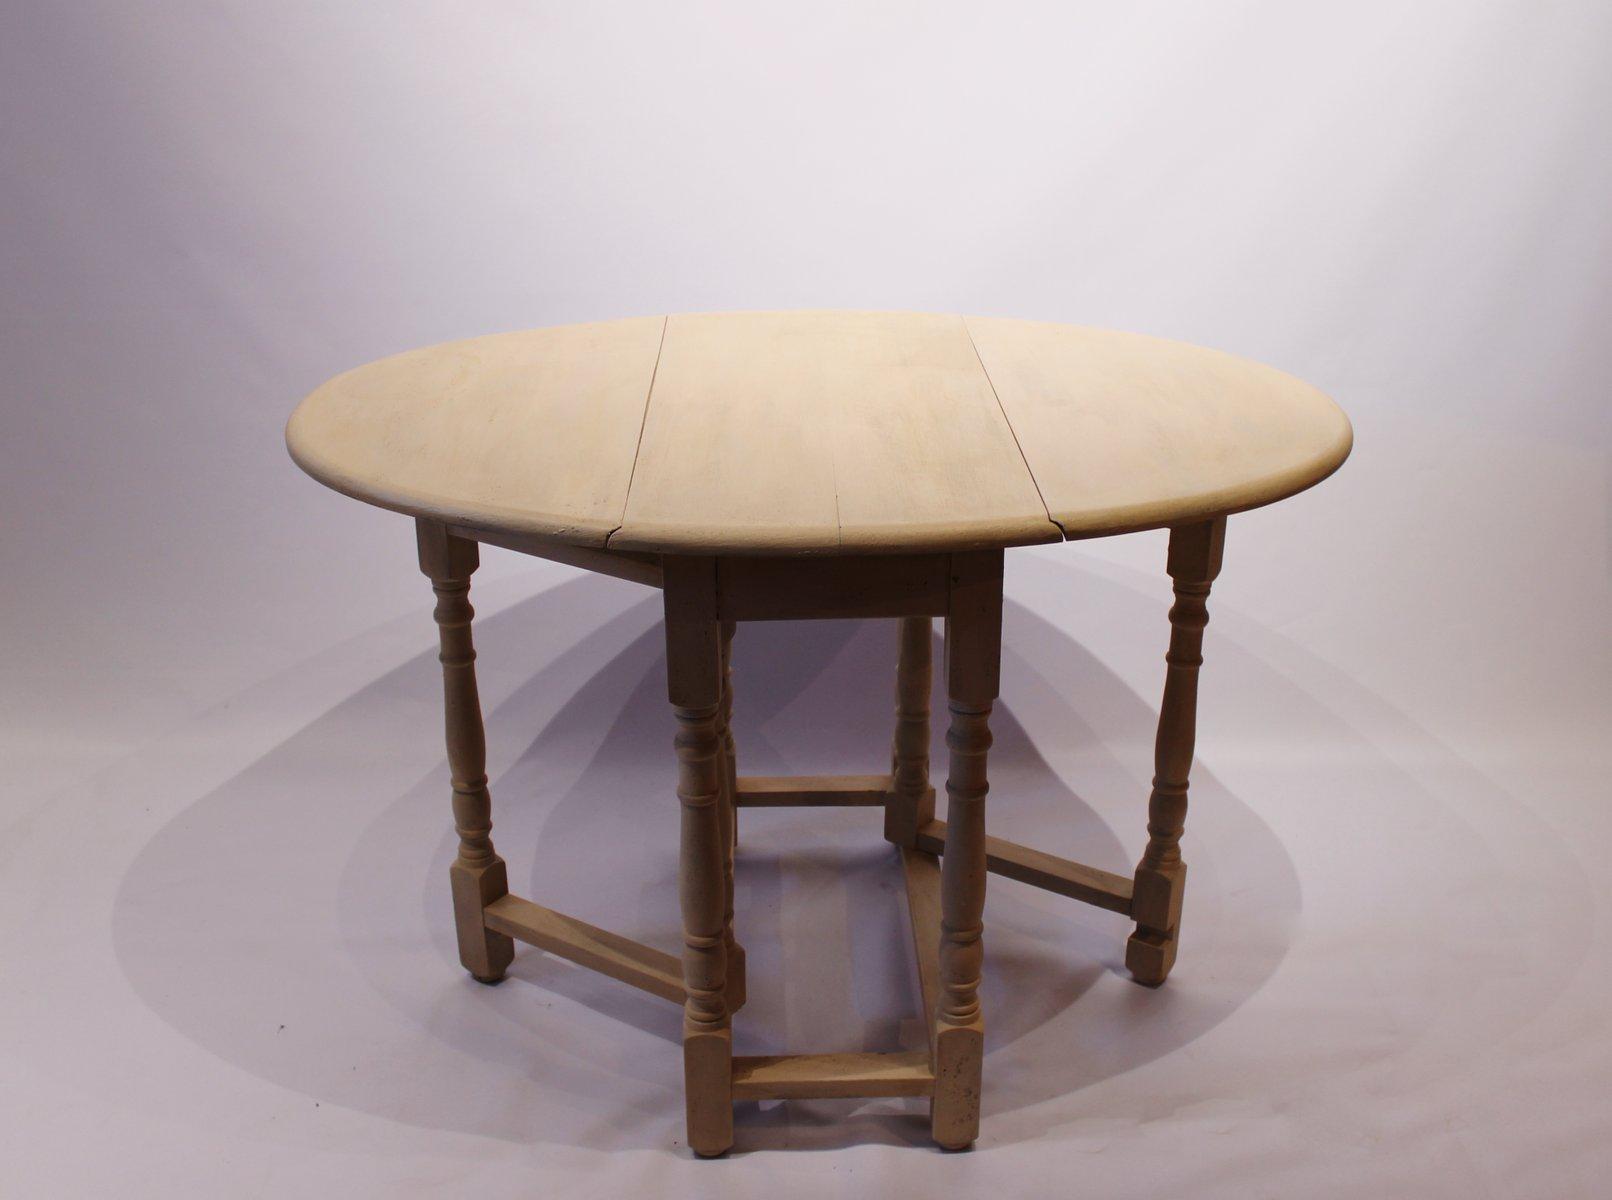 Tavolo Pieghevole Bianco : Tavolo pieghevole bianco fine xix secolo in vendita su pamono